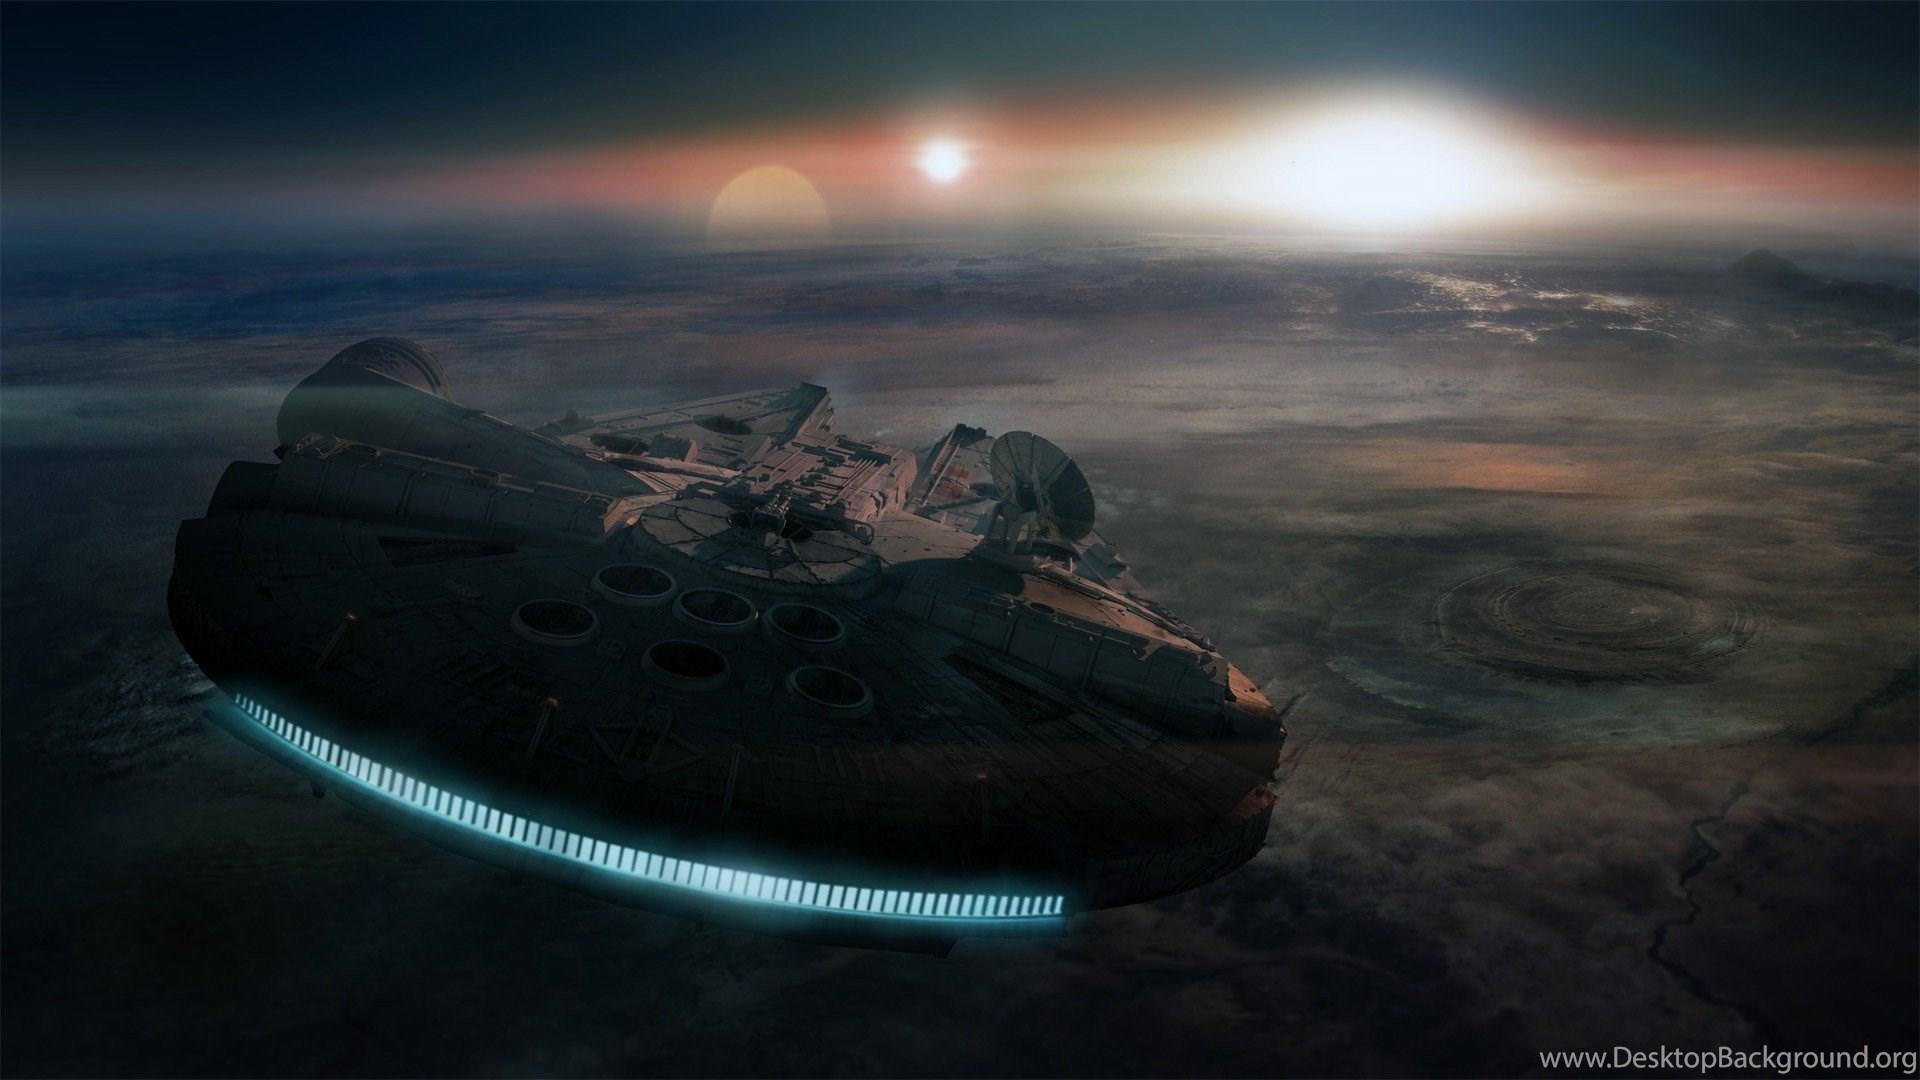 Star Wars Luke Skywalker Wallpapers Hd Desktop Background